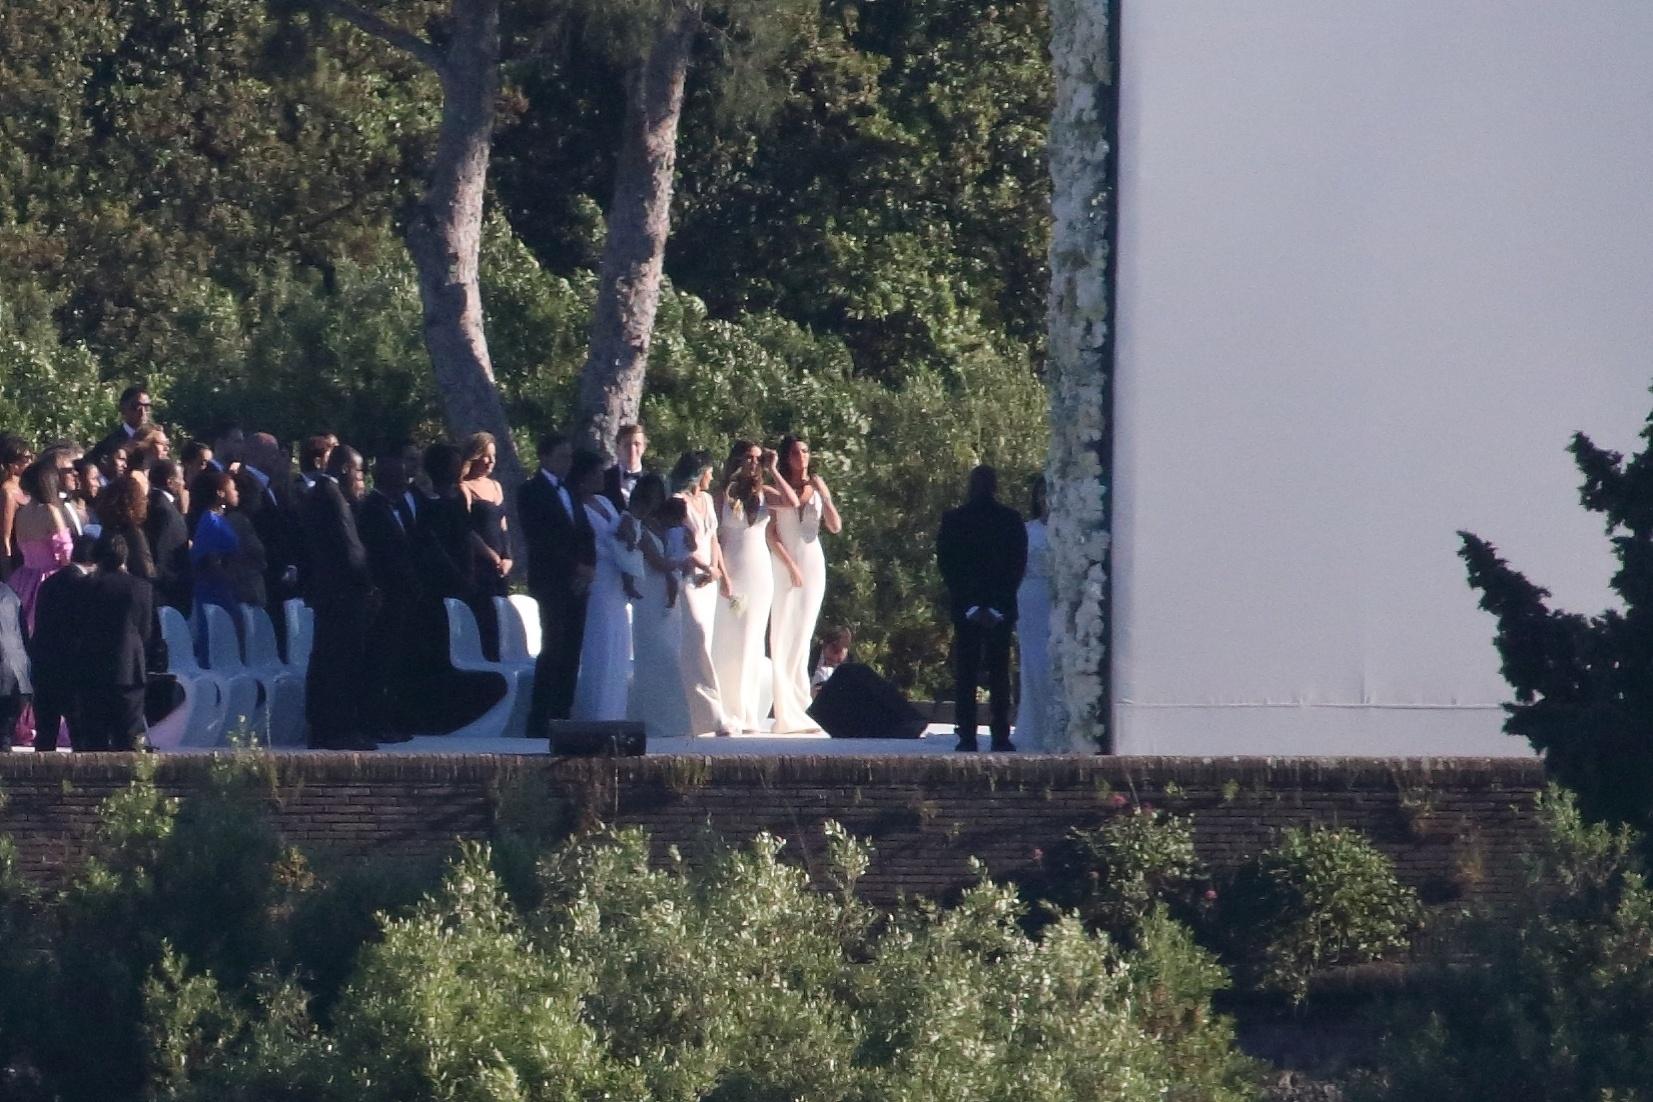 24.mai.2014 - Com cerca de 600 convidados, Kim Kardashian e Kanye West se casam no Forte di Belvedere, em Florença. O tenor Andrea Bocelli cantou